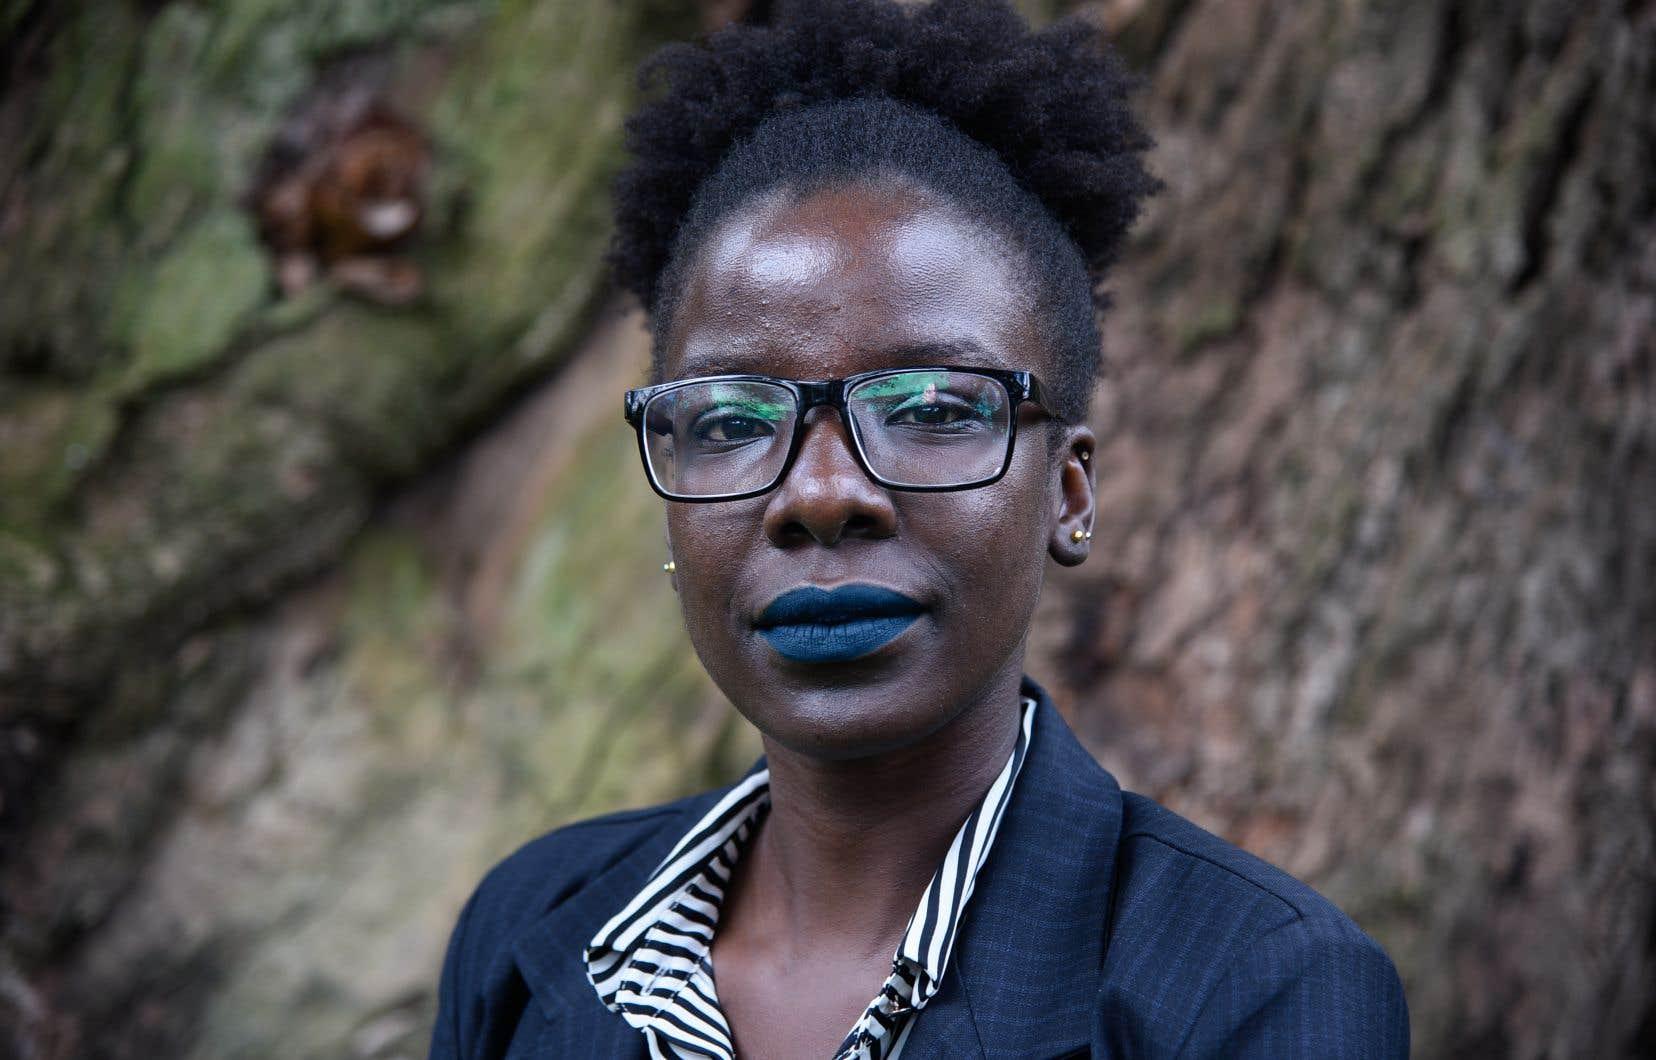 Par Peur Des Reproches Les Femmes Africaines Hesitent A Dire Moiaussi Le Devoir